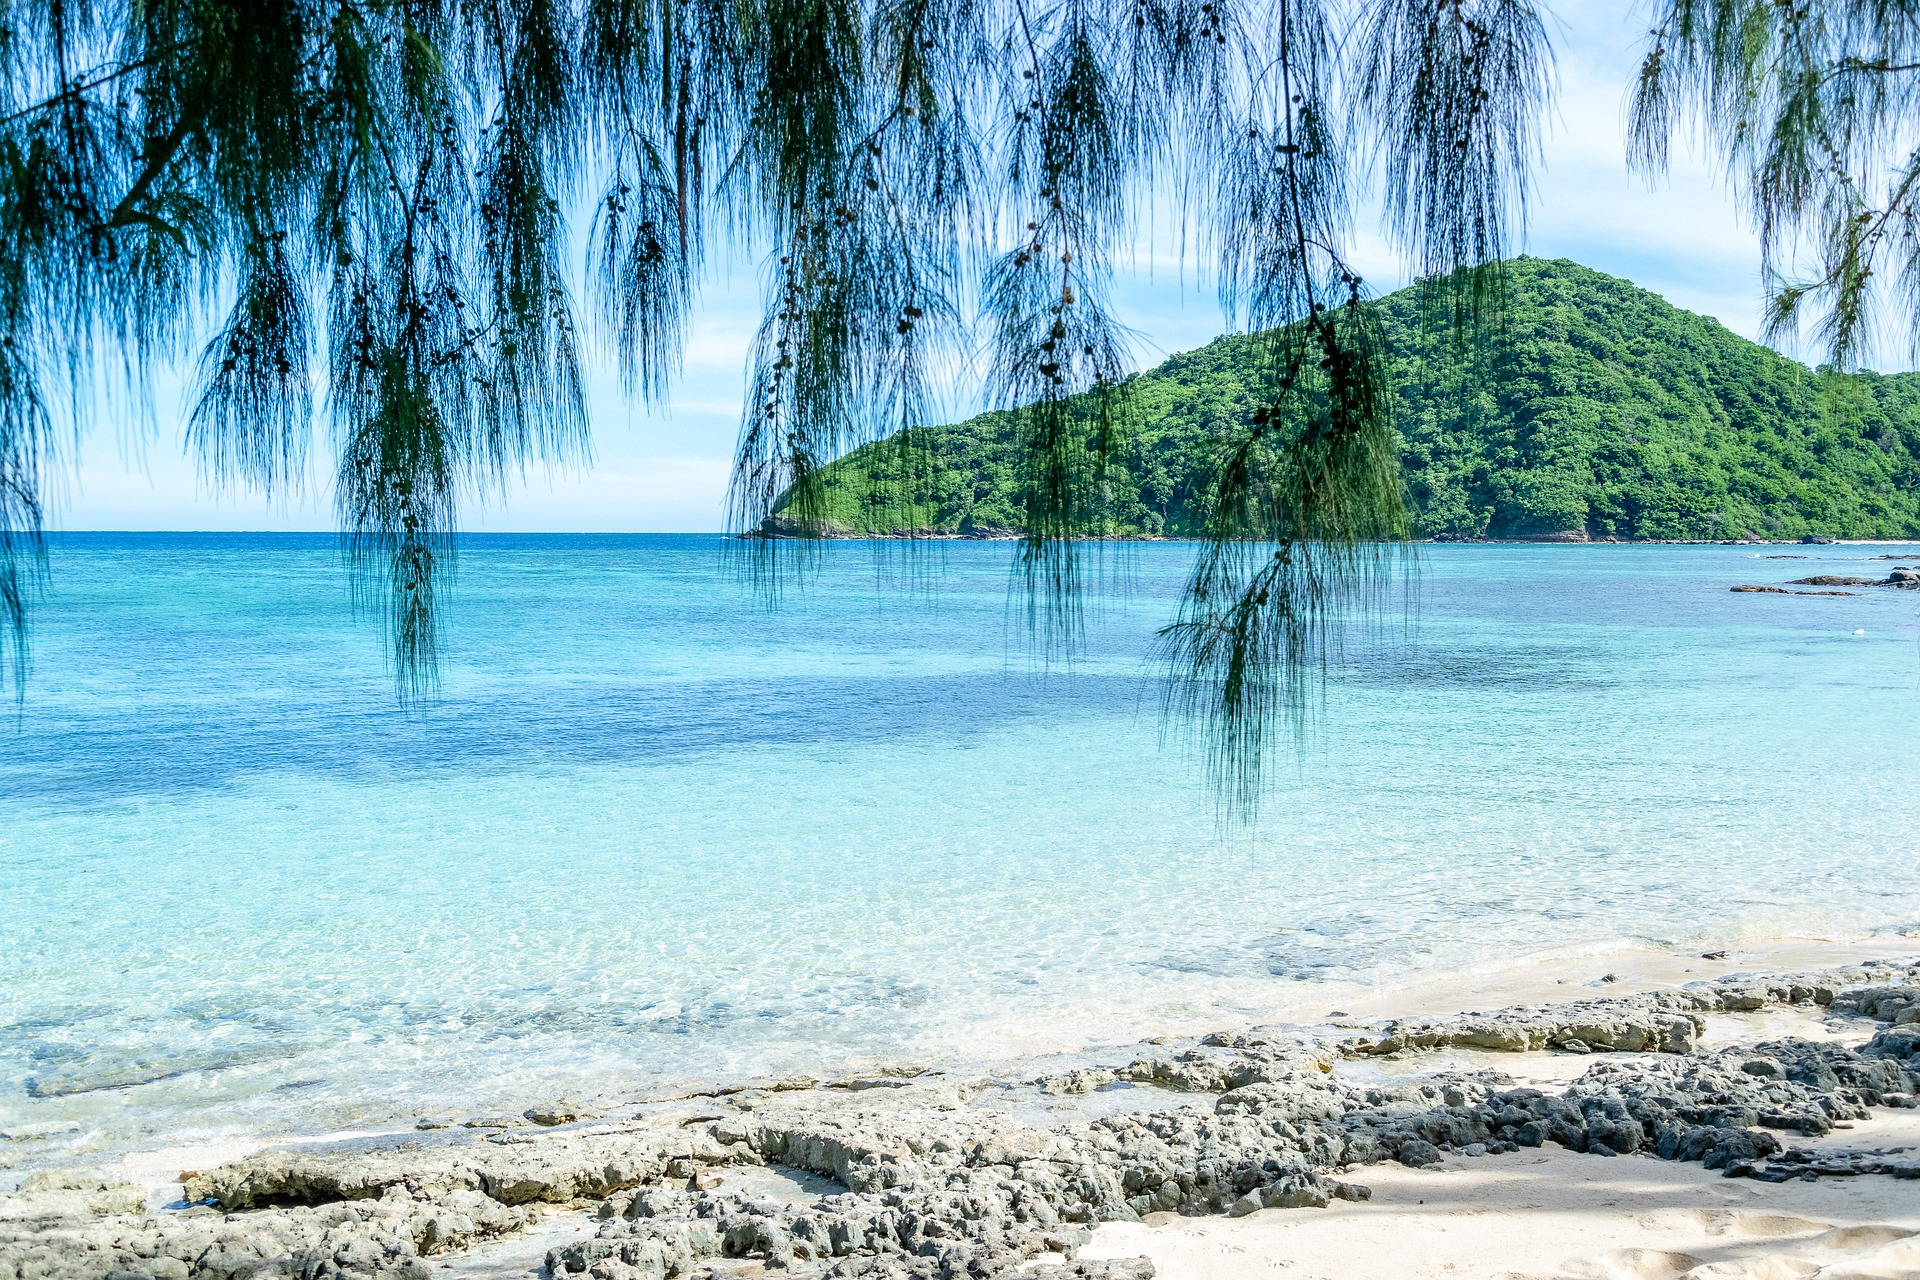 איי פיג'י - מקום מבודד לחגוג בו את האהבה שלכם